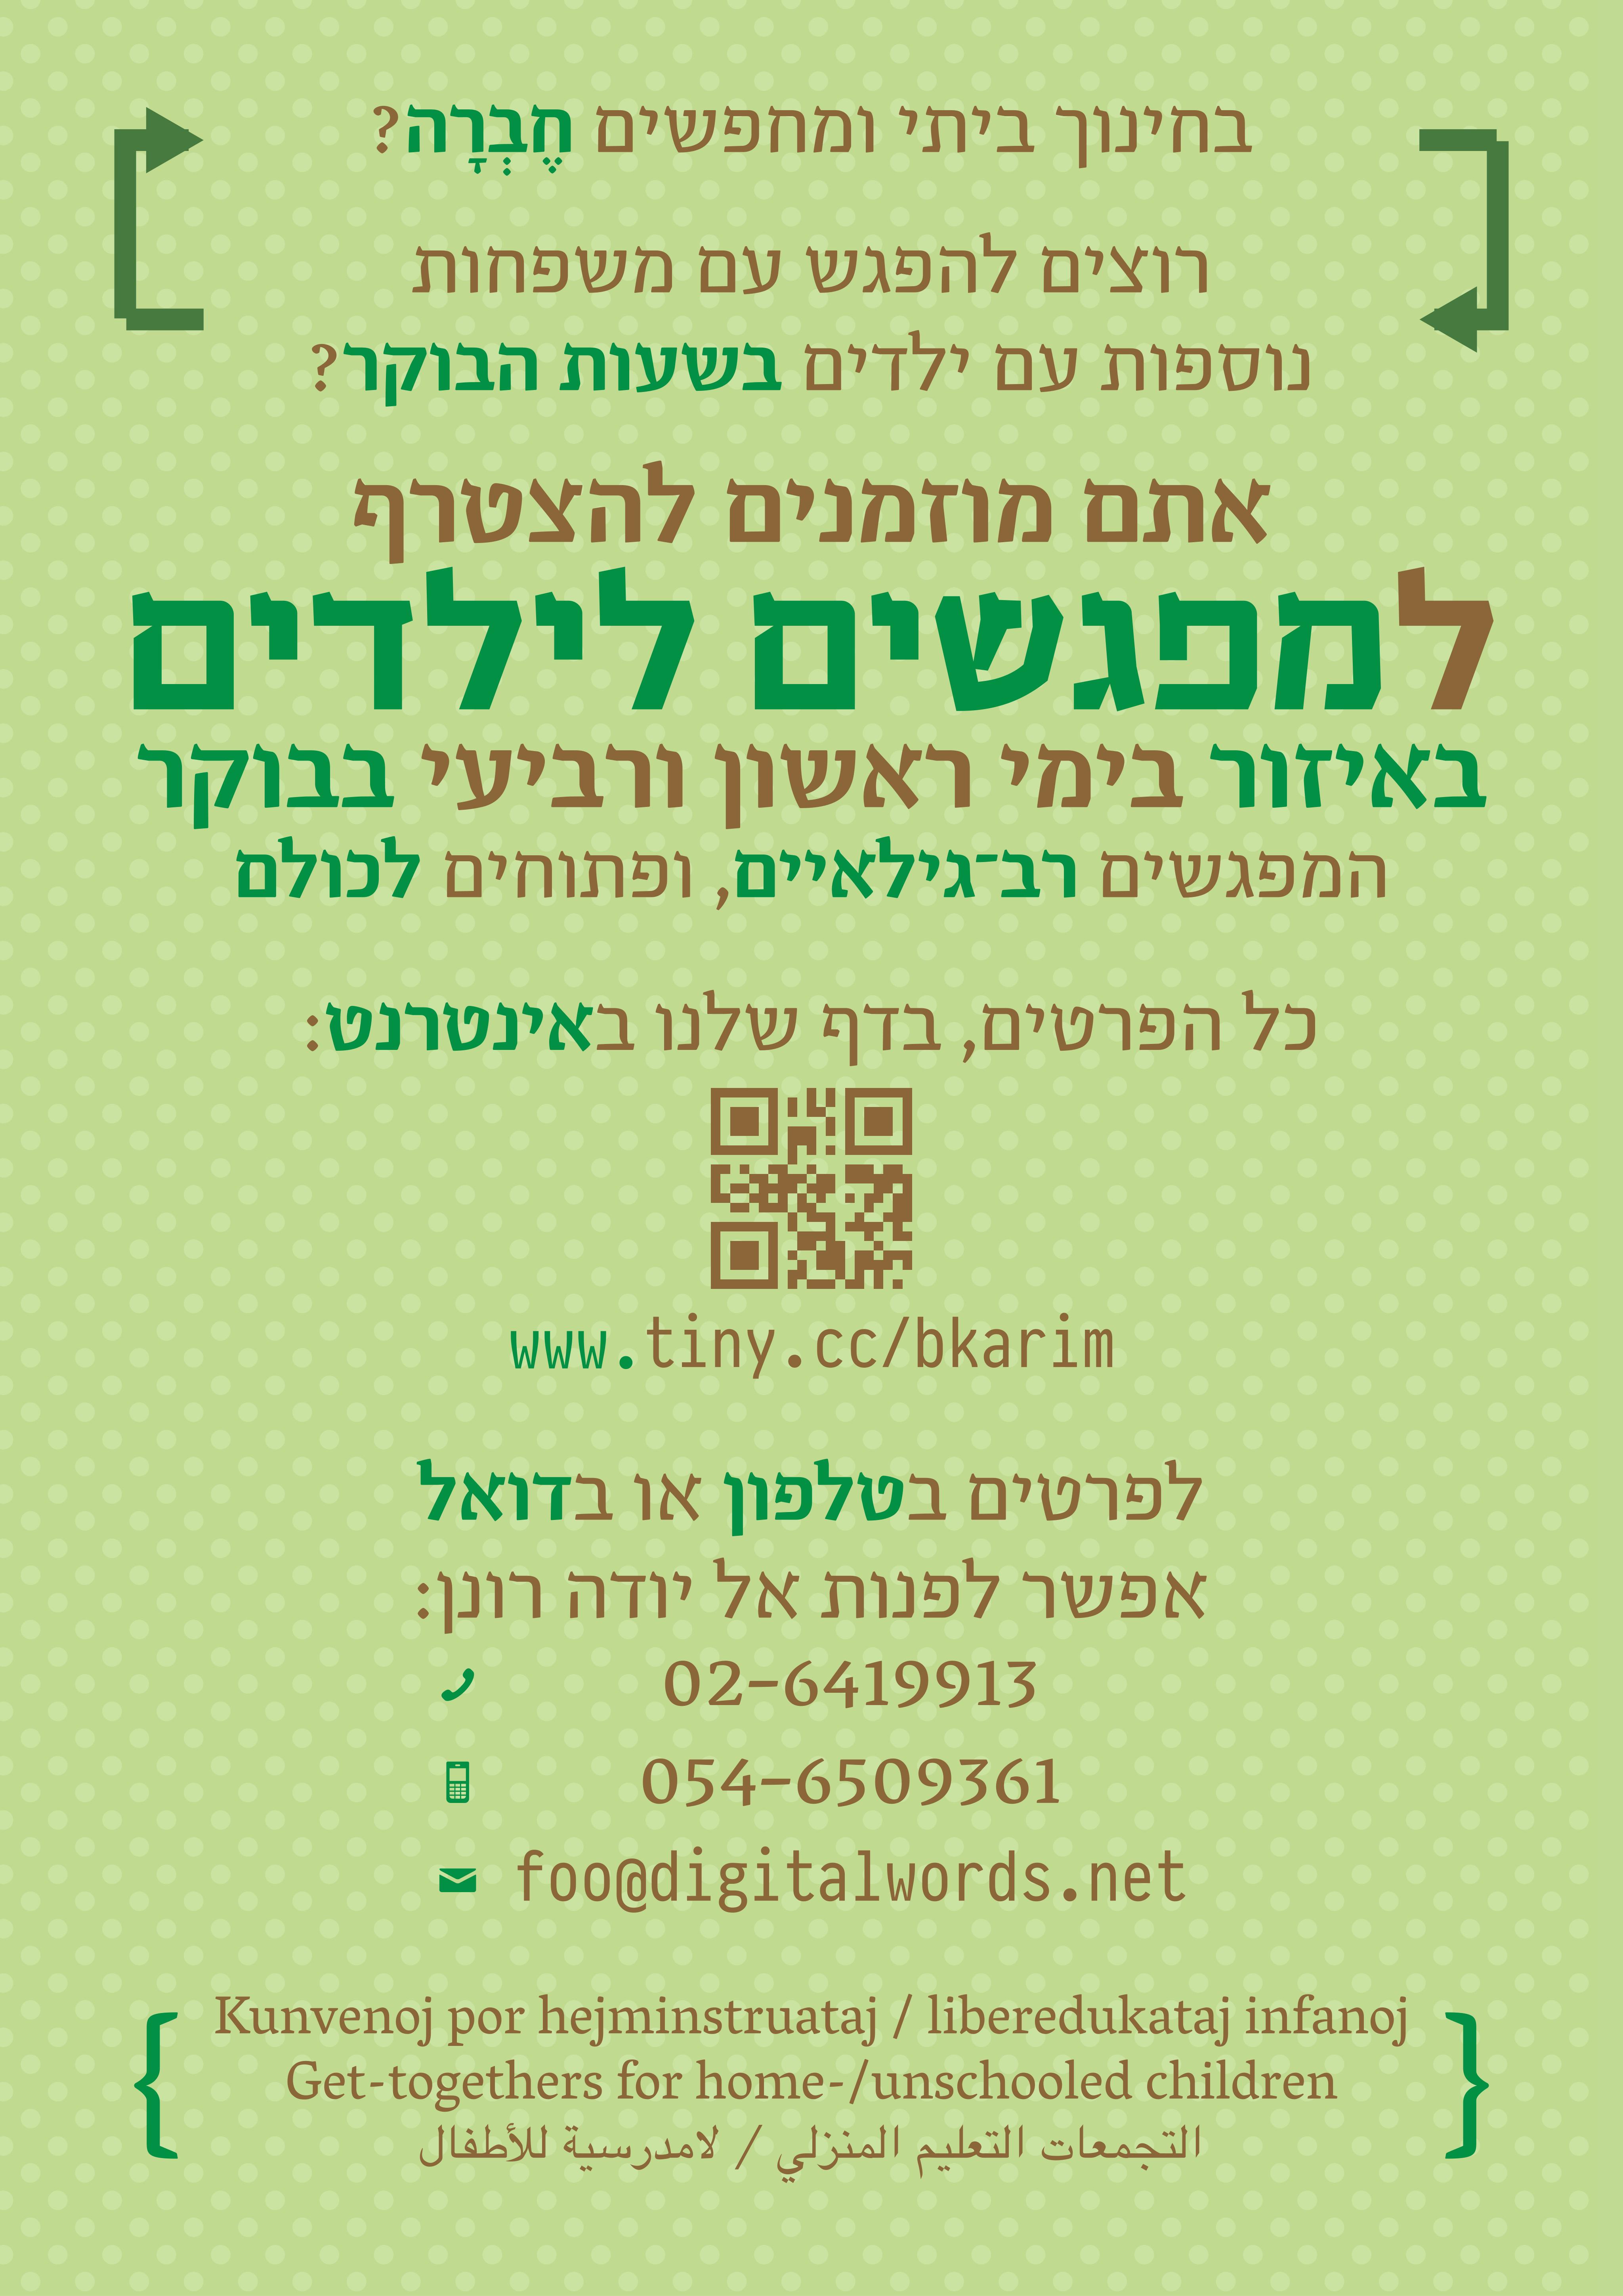 מודעה למפגשי חינוך ביתי בירושלים